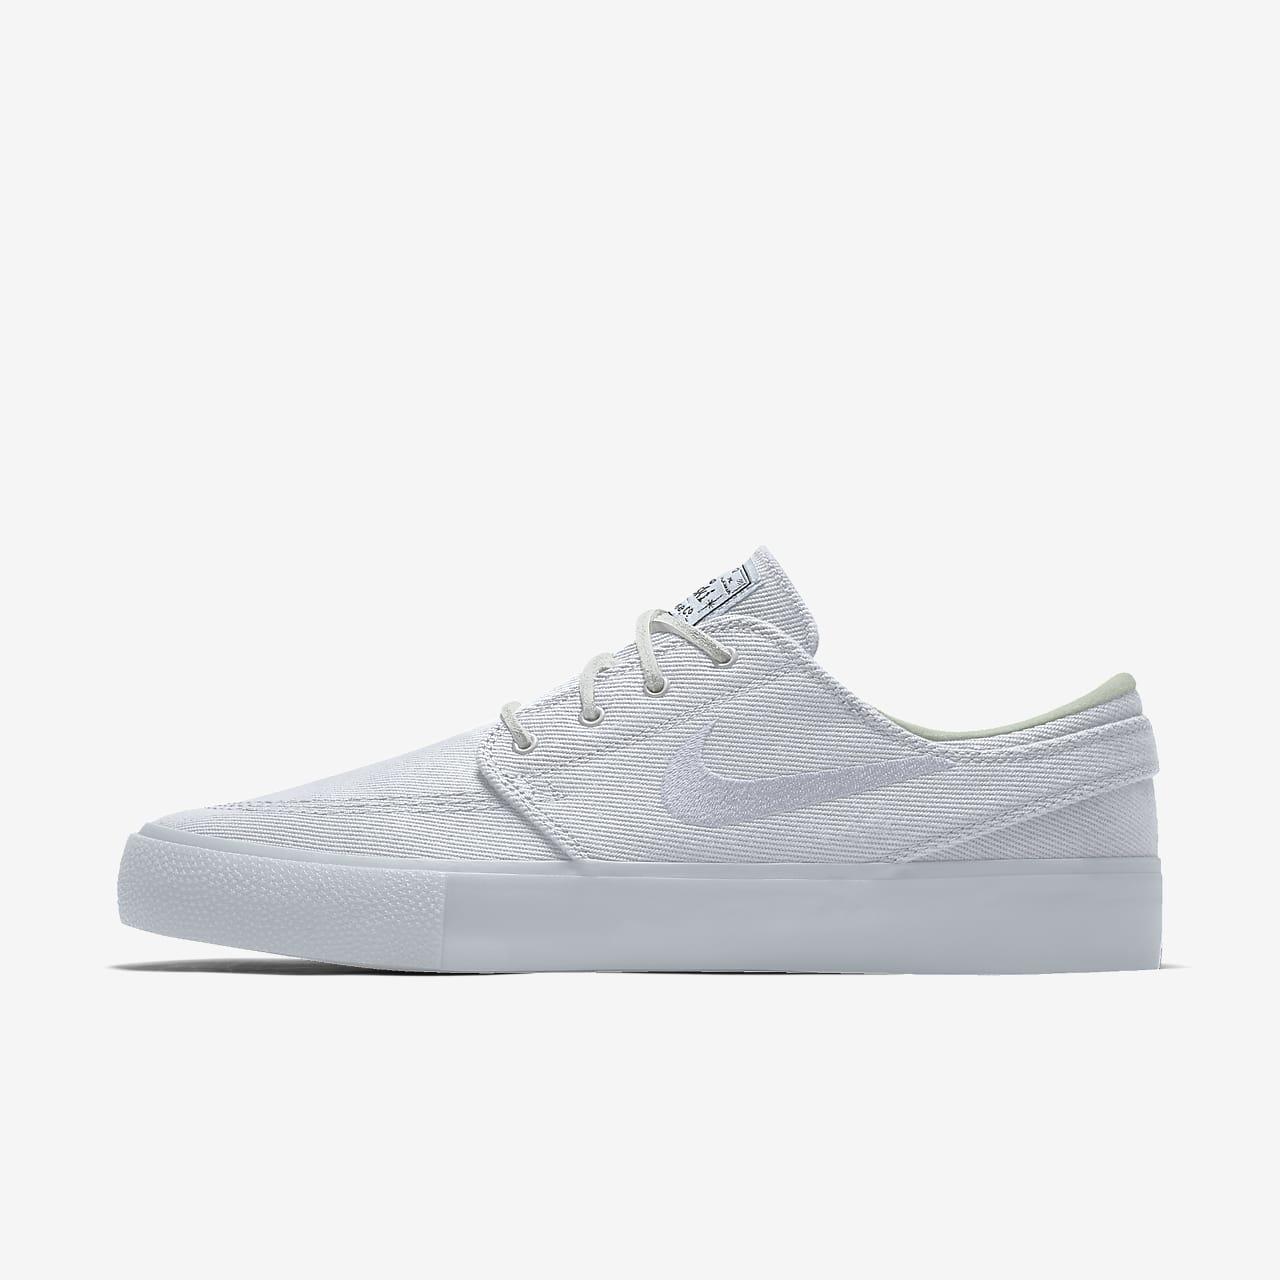 รองเท้าสเก็ตบอร์ดออกแบบเอง Nike SB Zoom Stefan Janoski RM By You